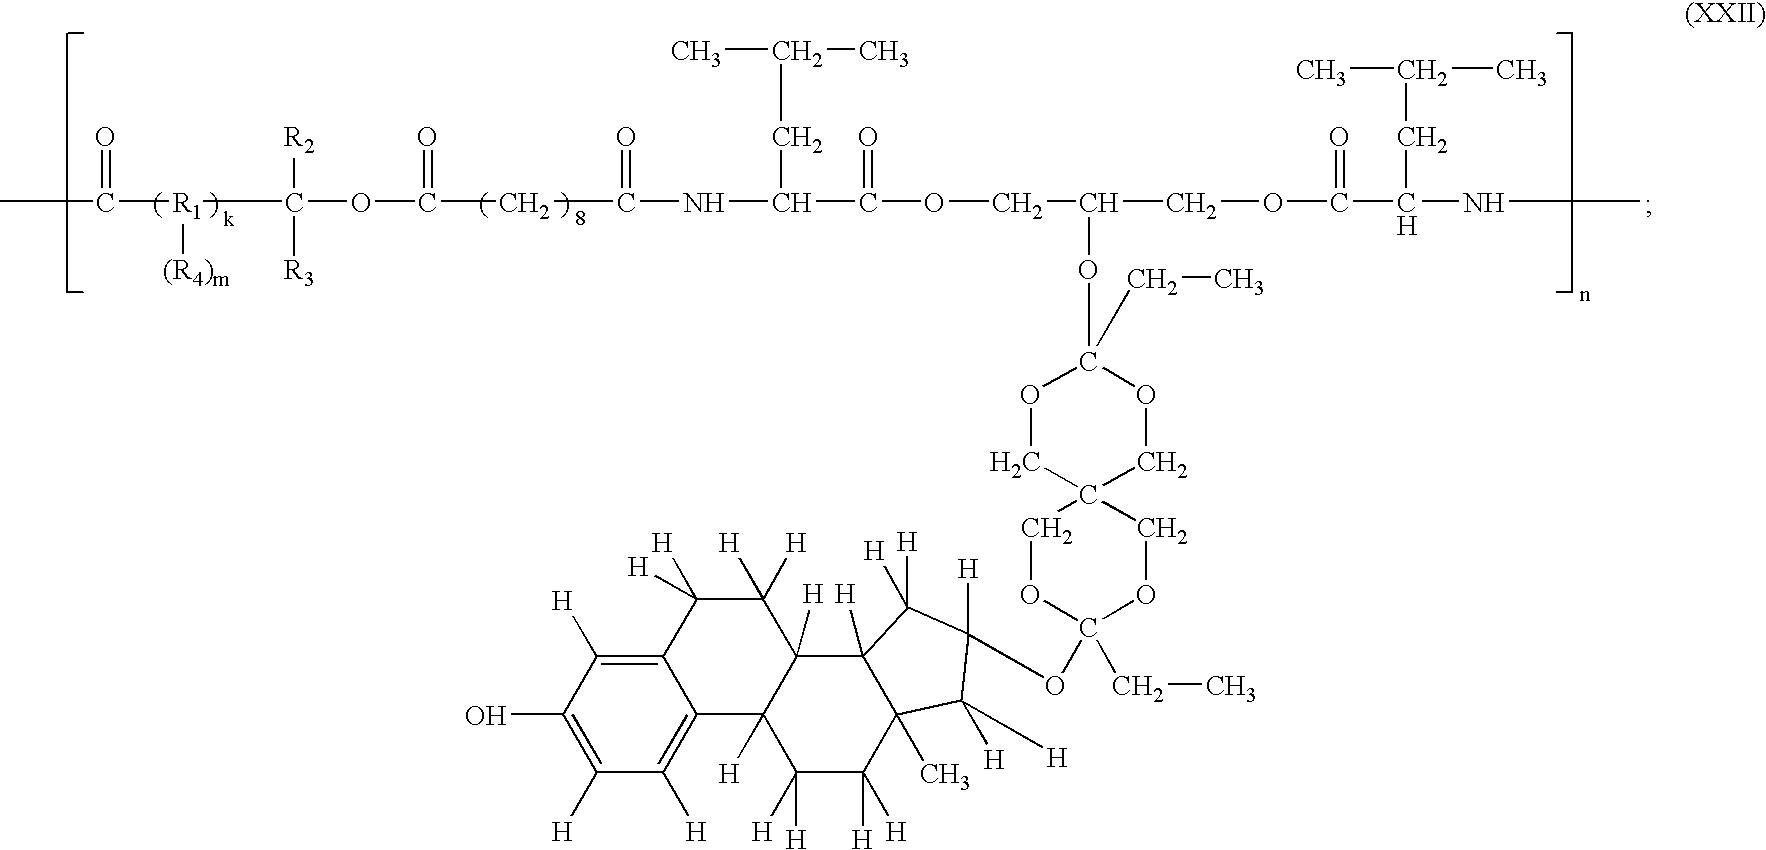 Figure US20060147412A1-20060706-C00022